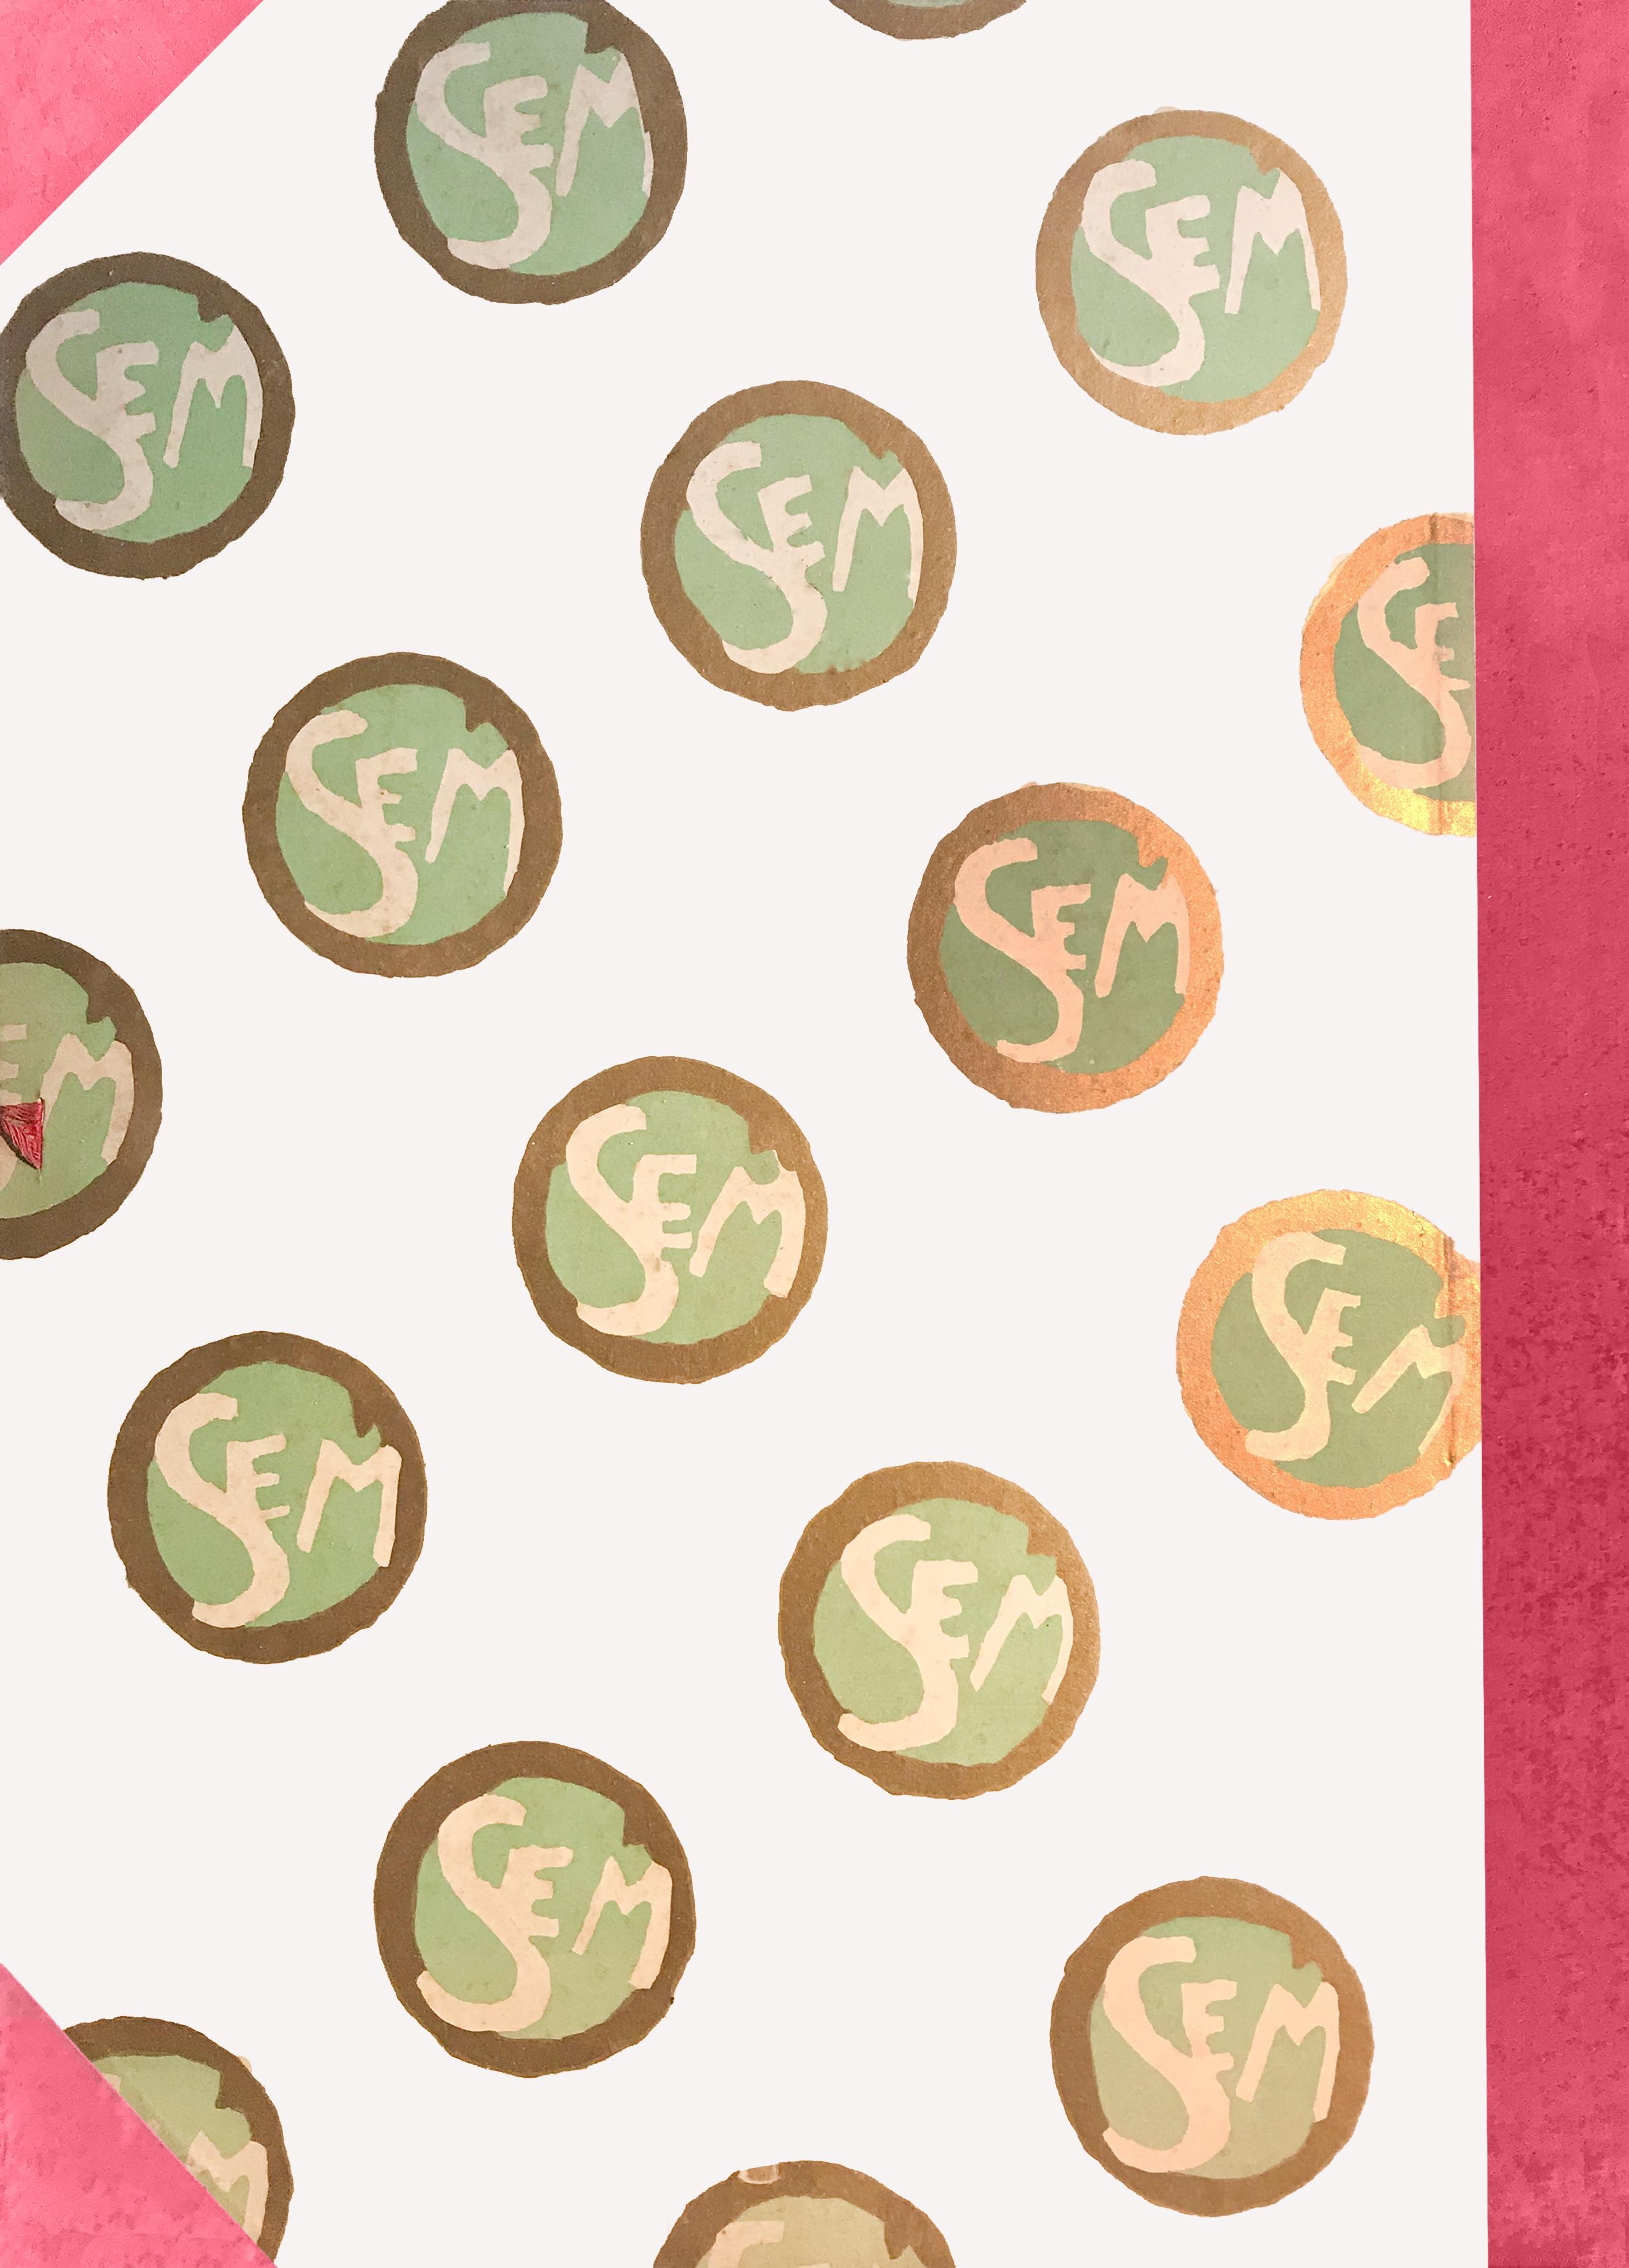 Sem Goursat Album 8 - Couverture b